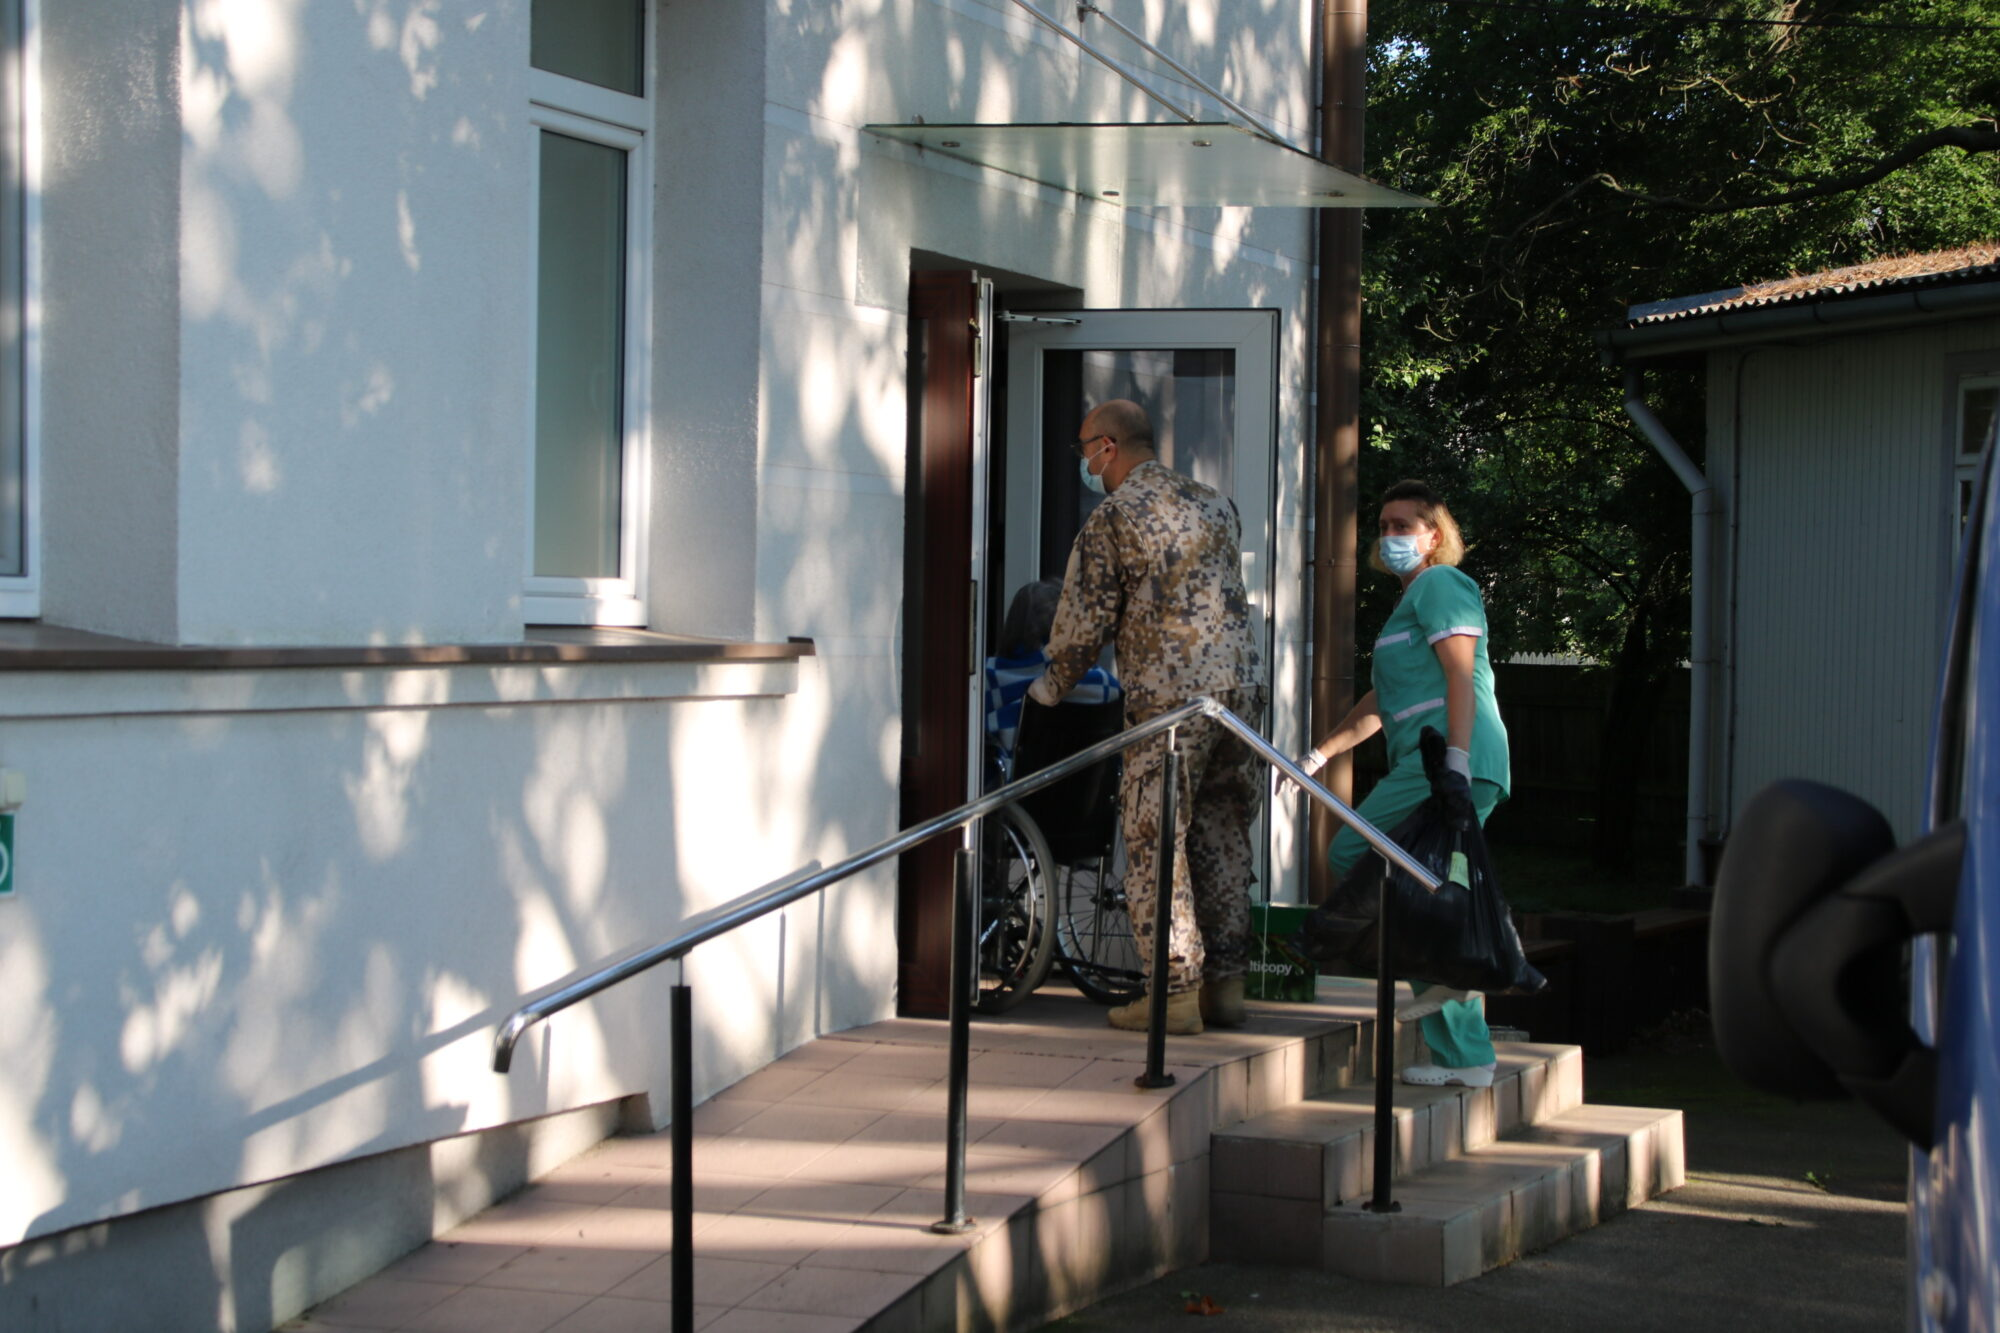 Militāristi palīdz pārvest slimnīcas pacientus